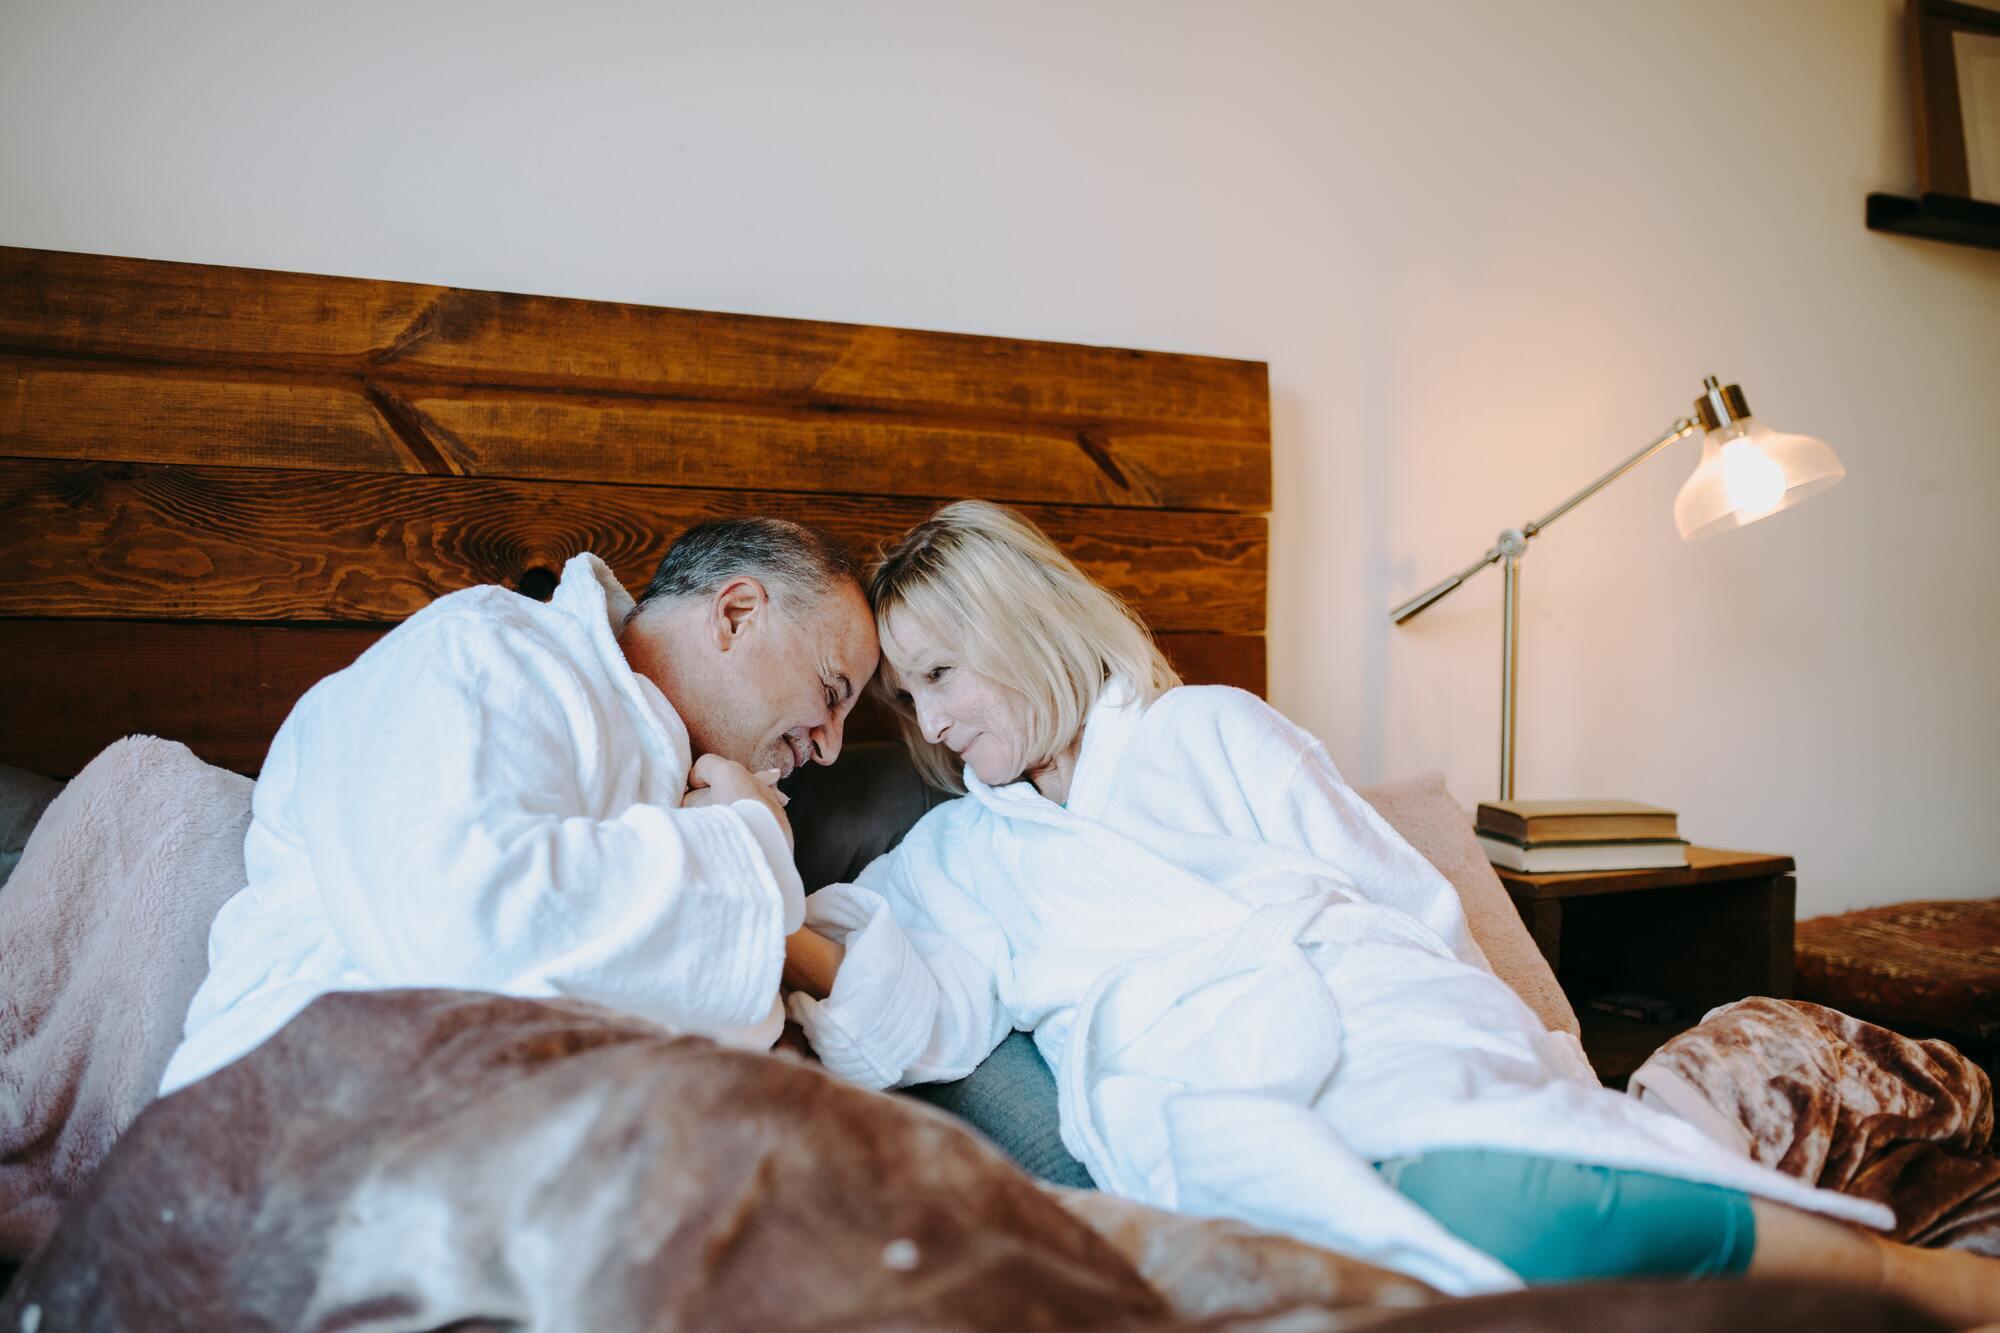 После 35 лет женщины страдают чаще всего от отсутствия оргазма и сексуального желания.